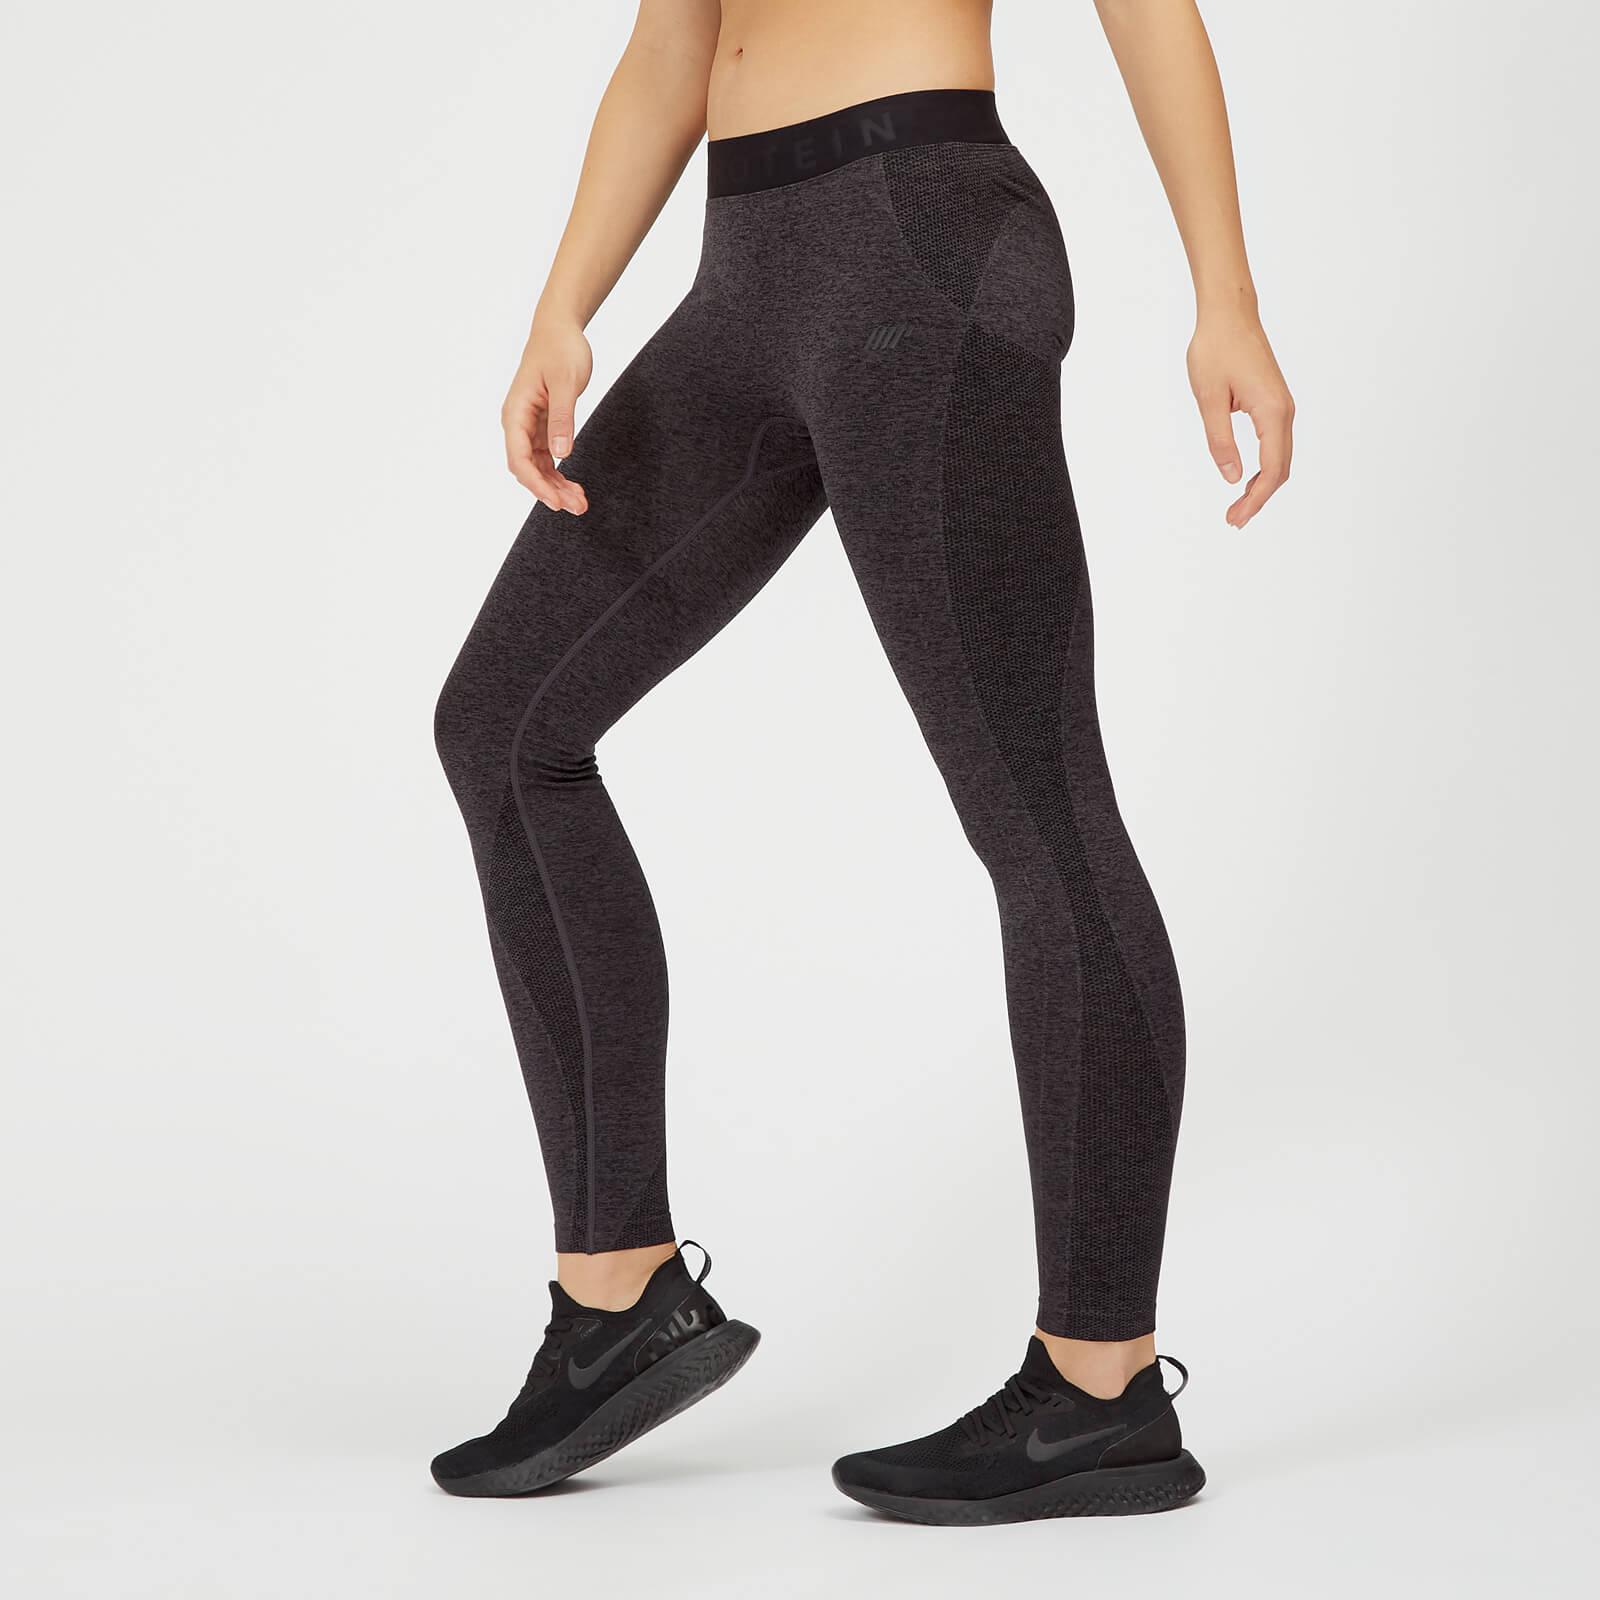 Myprotein Inspire Seamless Leggings - Slate - XL